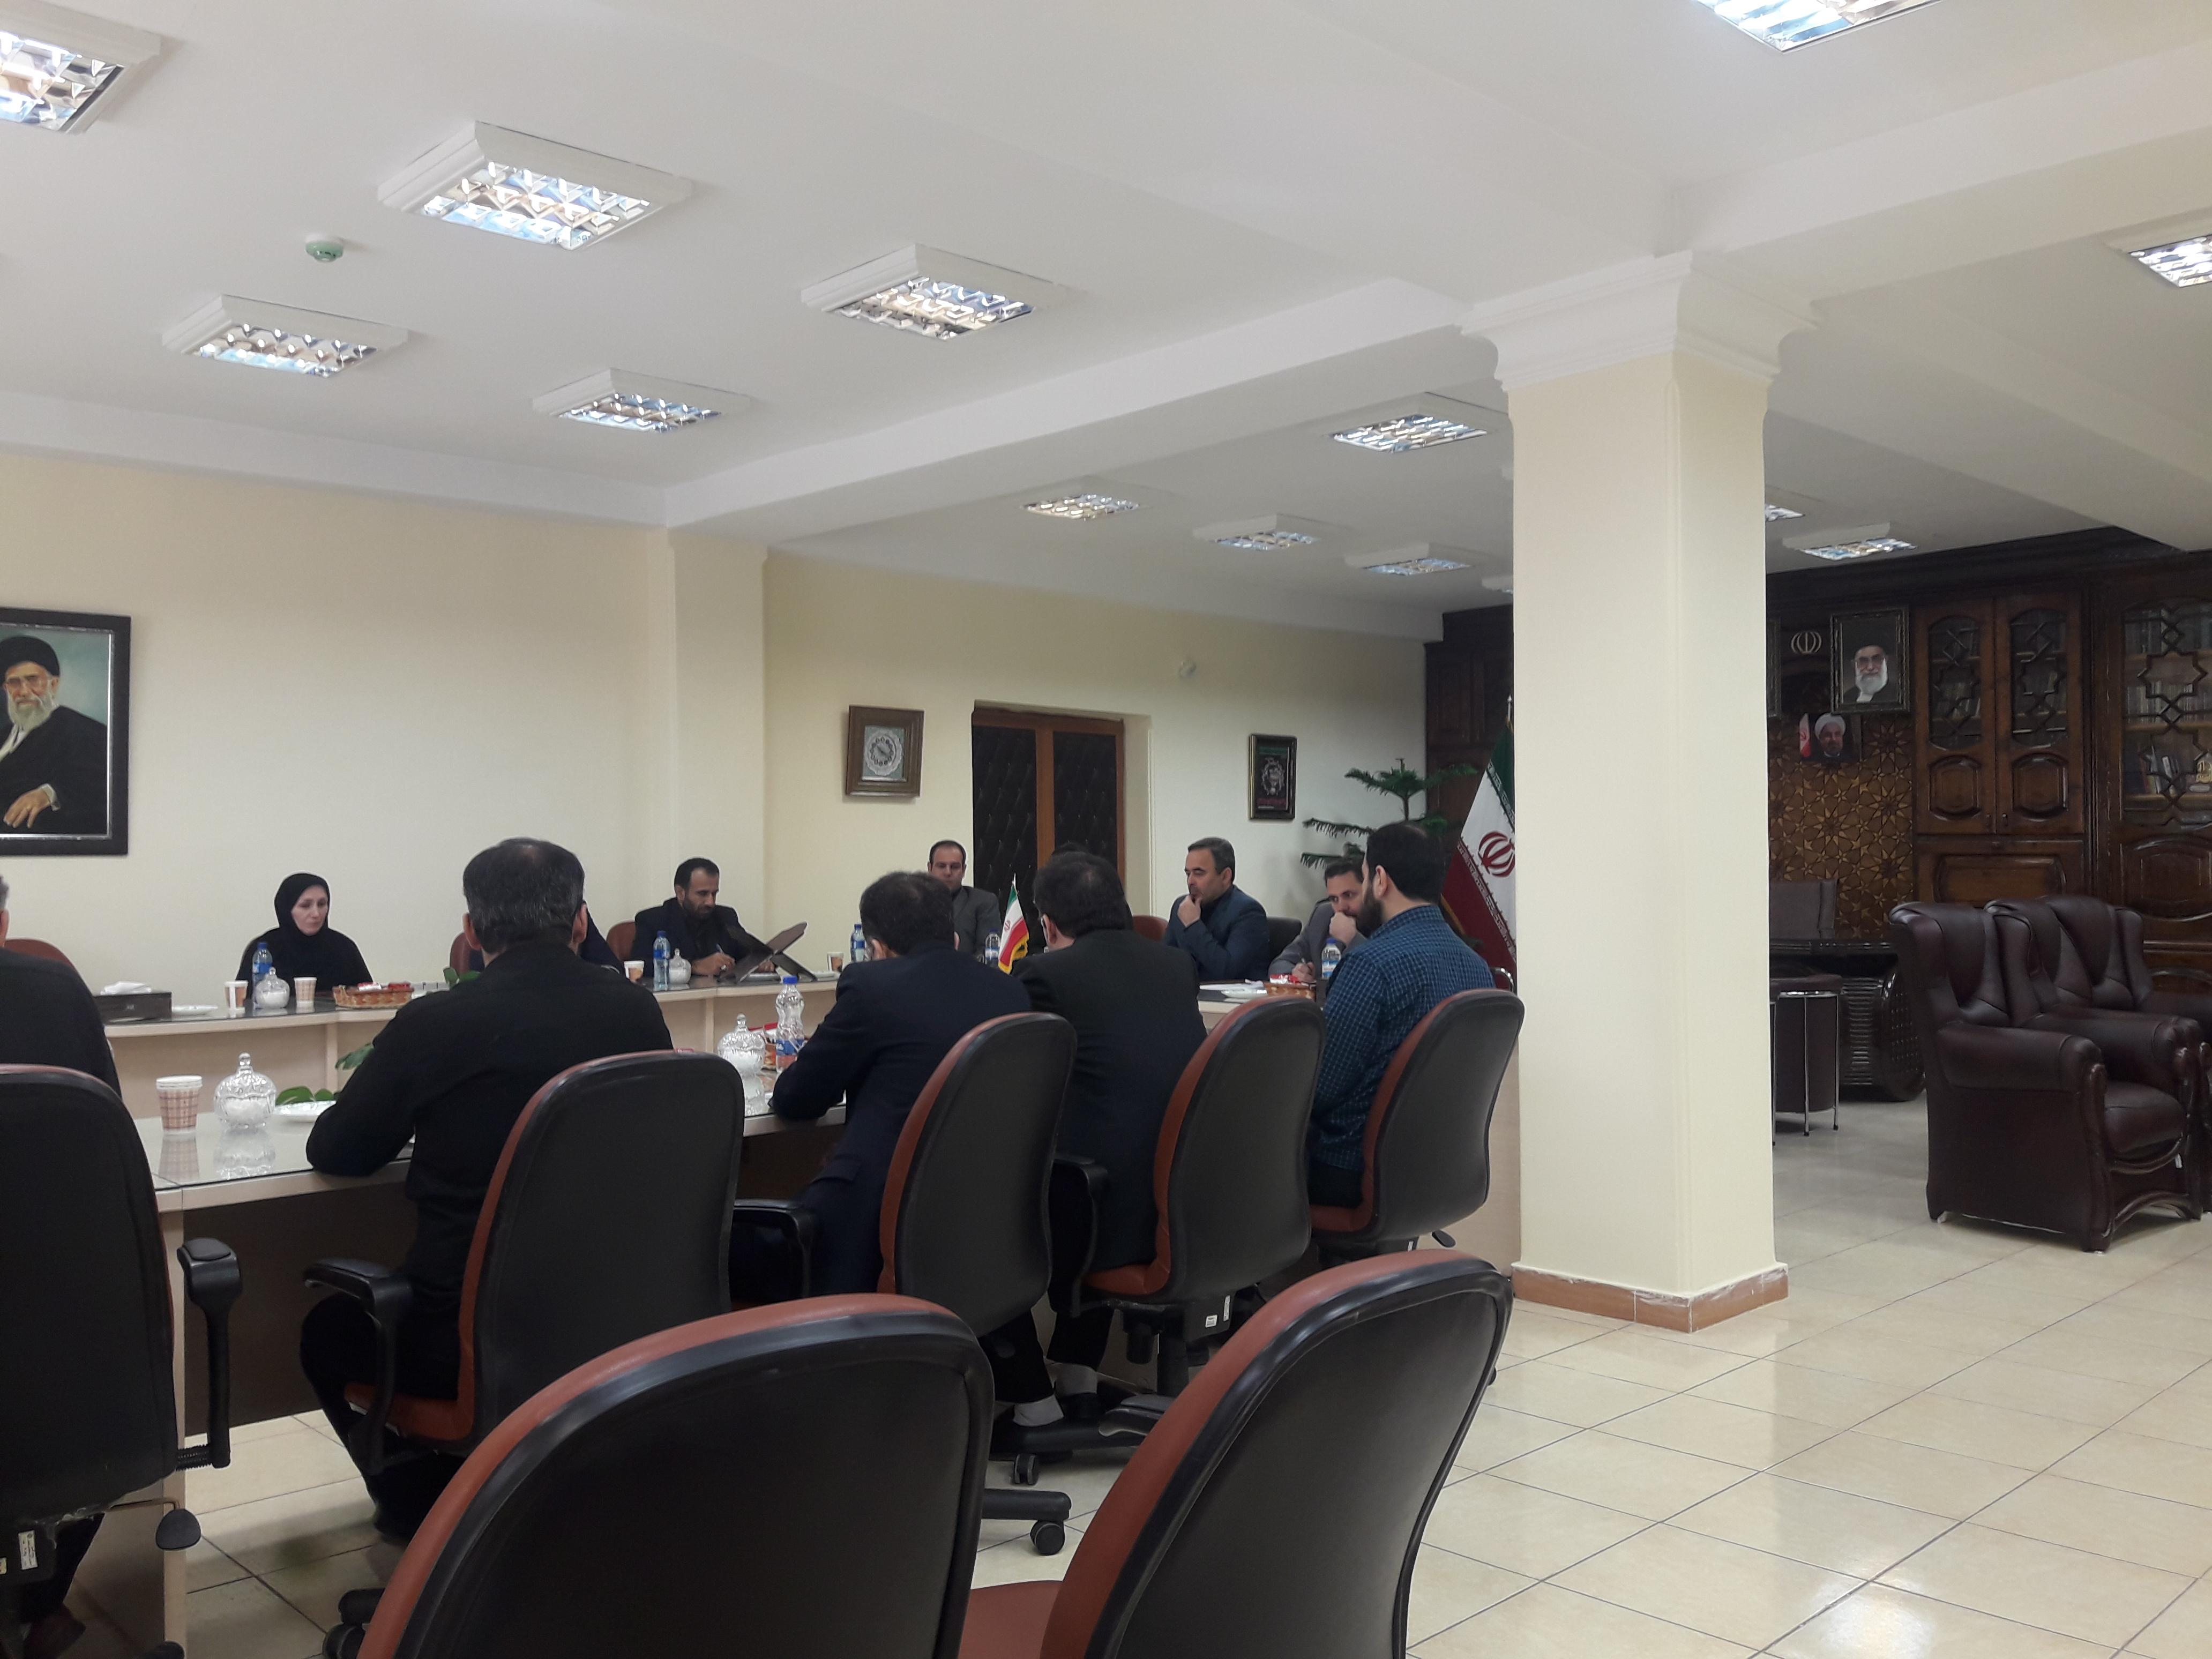 ستاد بزرگداشت هفته دفاع مقدس صبح امروز (دوشنبه_۹۷/۰۶/۲۶) به ریاست مهندس جانبازی سرپرست فرمانداری لاهیجان برگزار گردید.